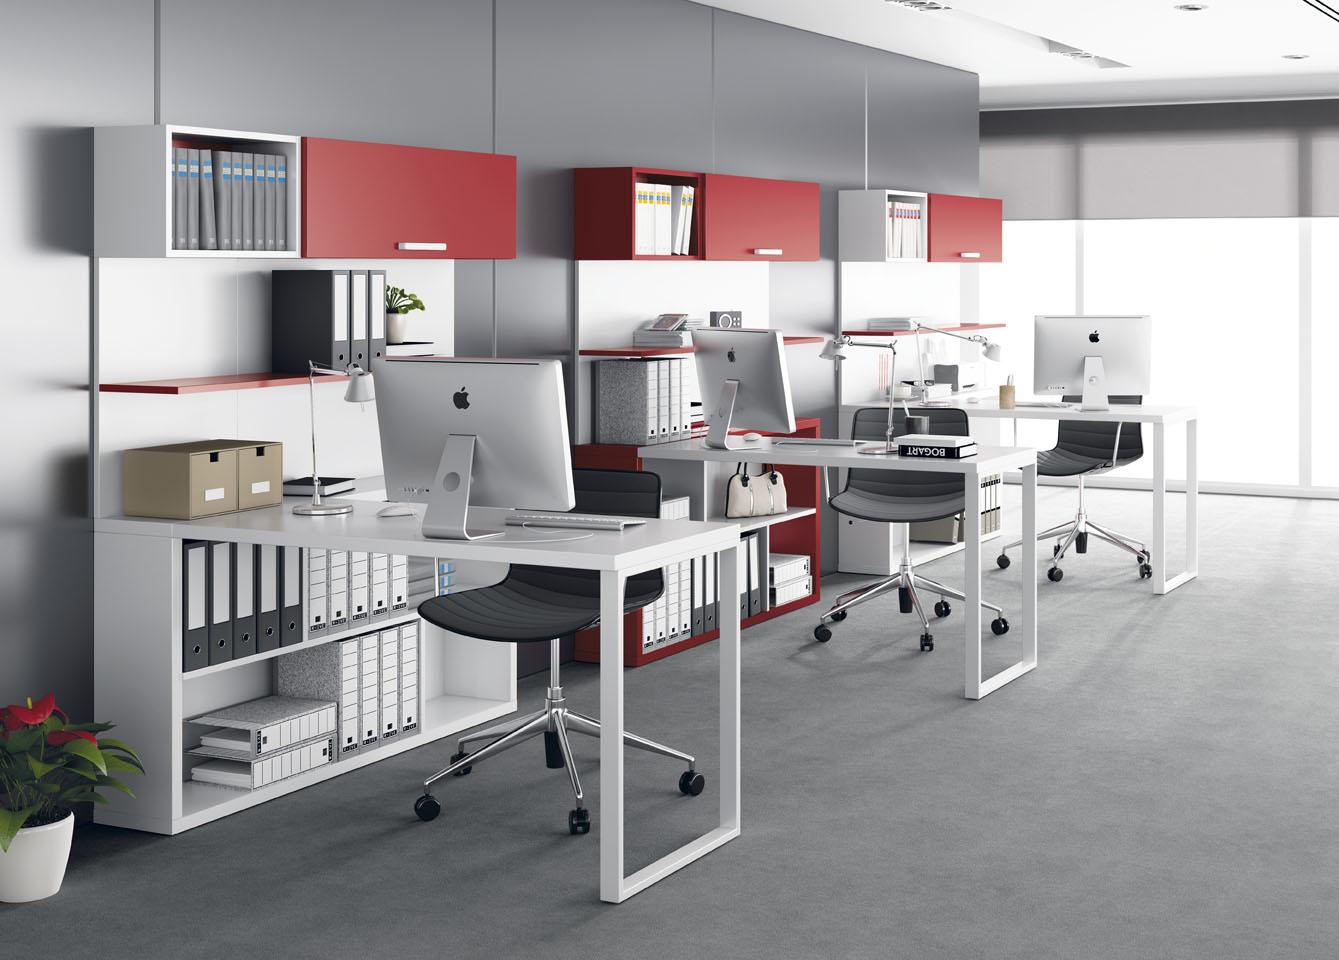 Muebles ros conoces las oficinas de ros for Muebles de oficina palma de mallorca